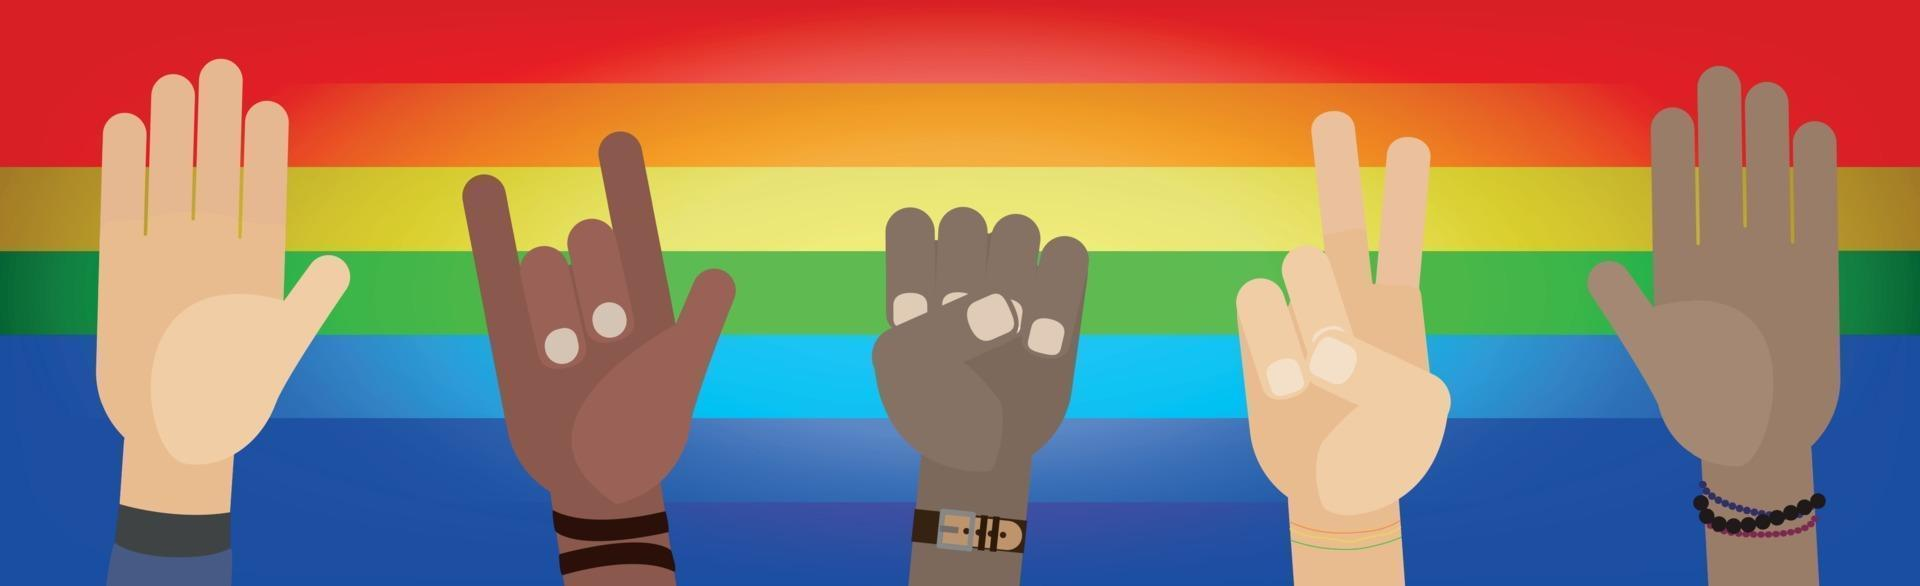 handgester från människor av olika raser och olika sexuella läggningar vektor